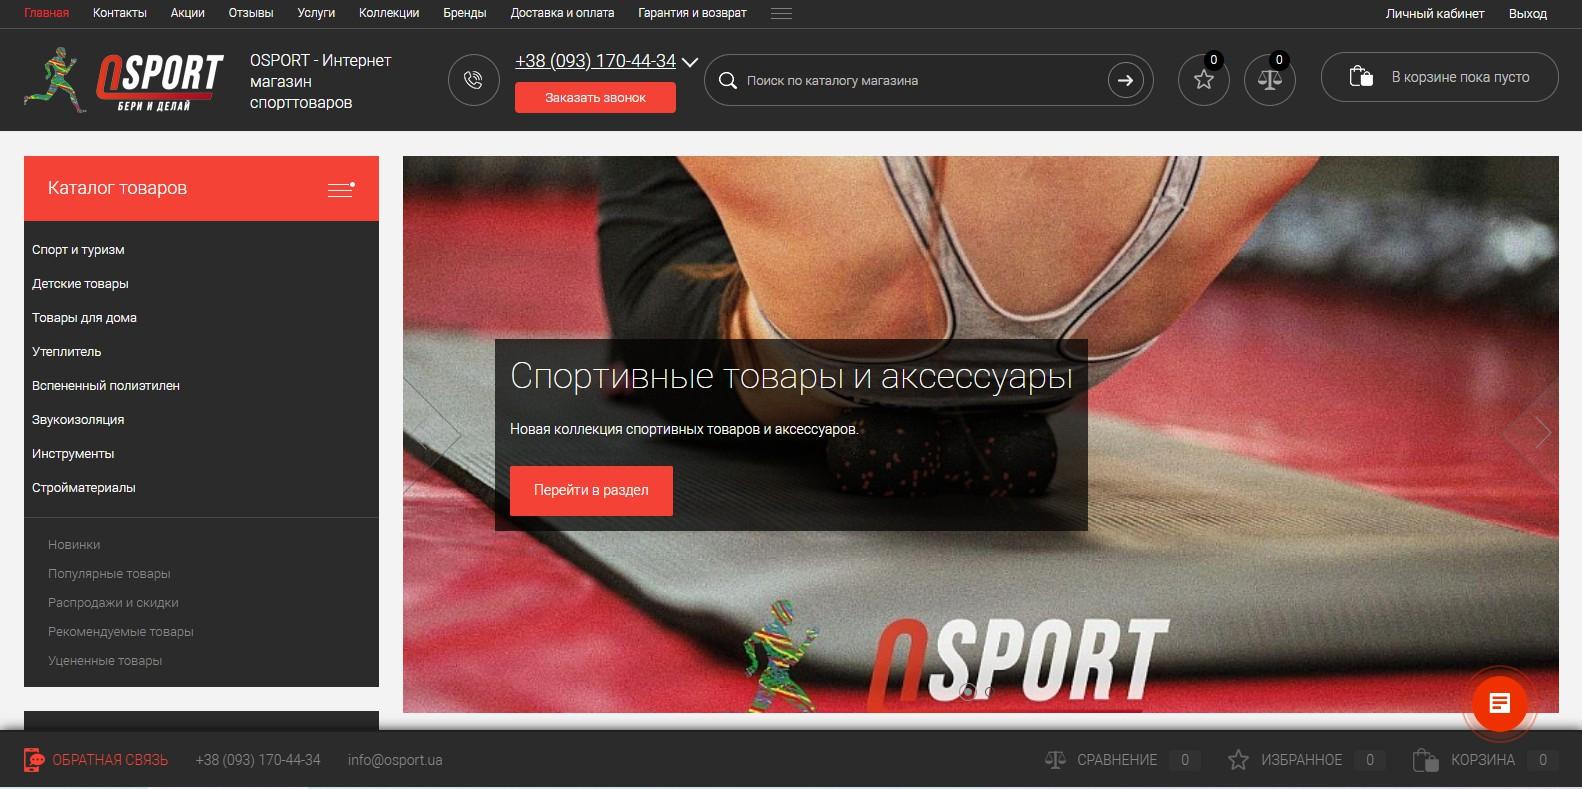 Разработка ИМ по продаже спорттоваров